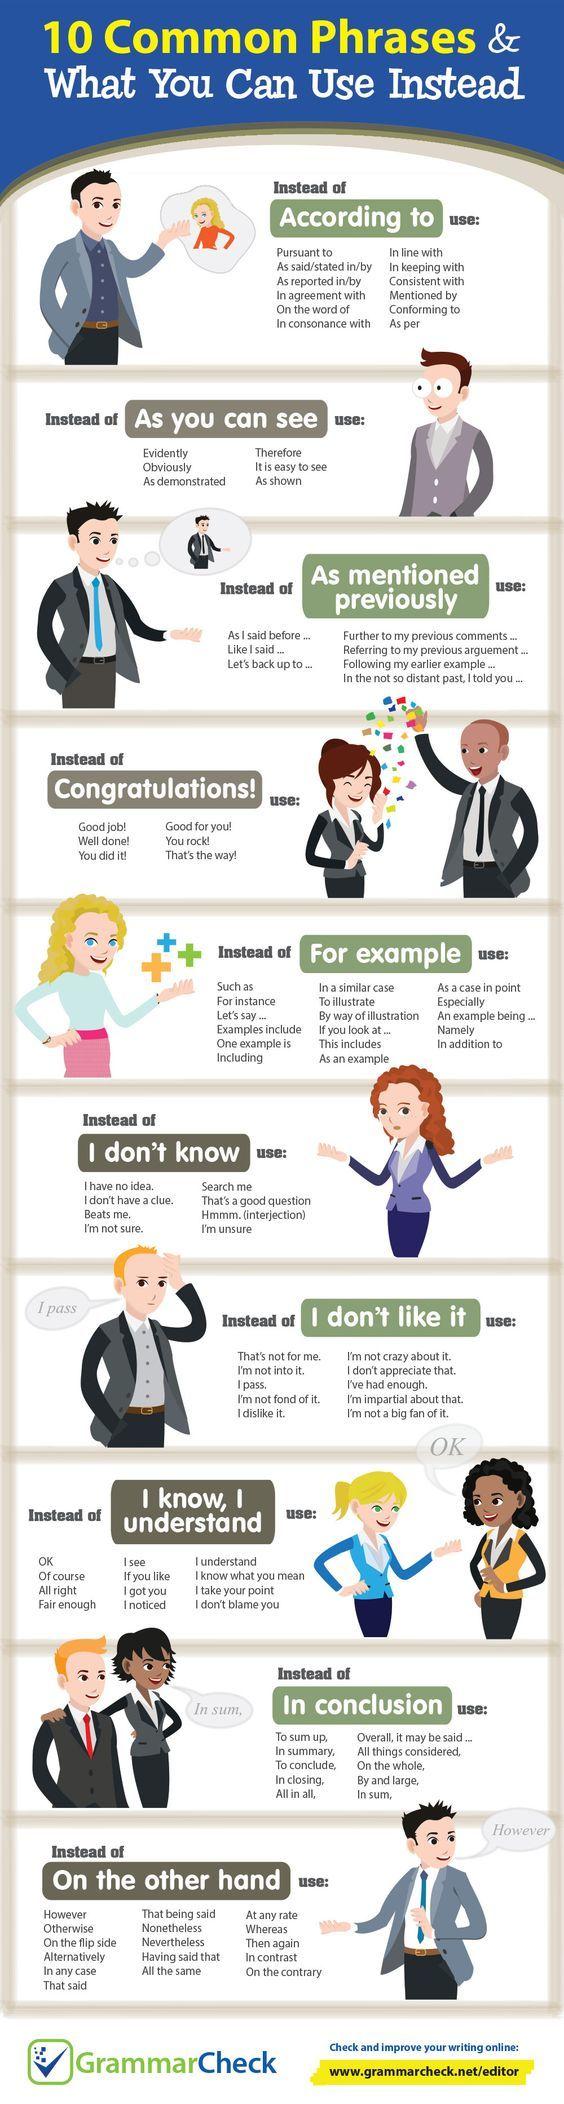 Cách diễn đạt thay thế cho 10 câu nói phổ biến trong tiếng Anh